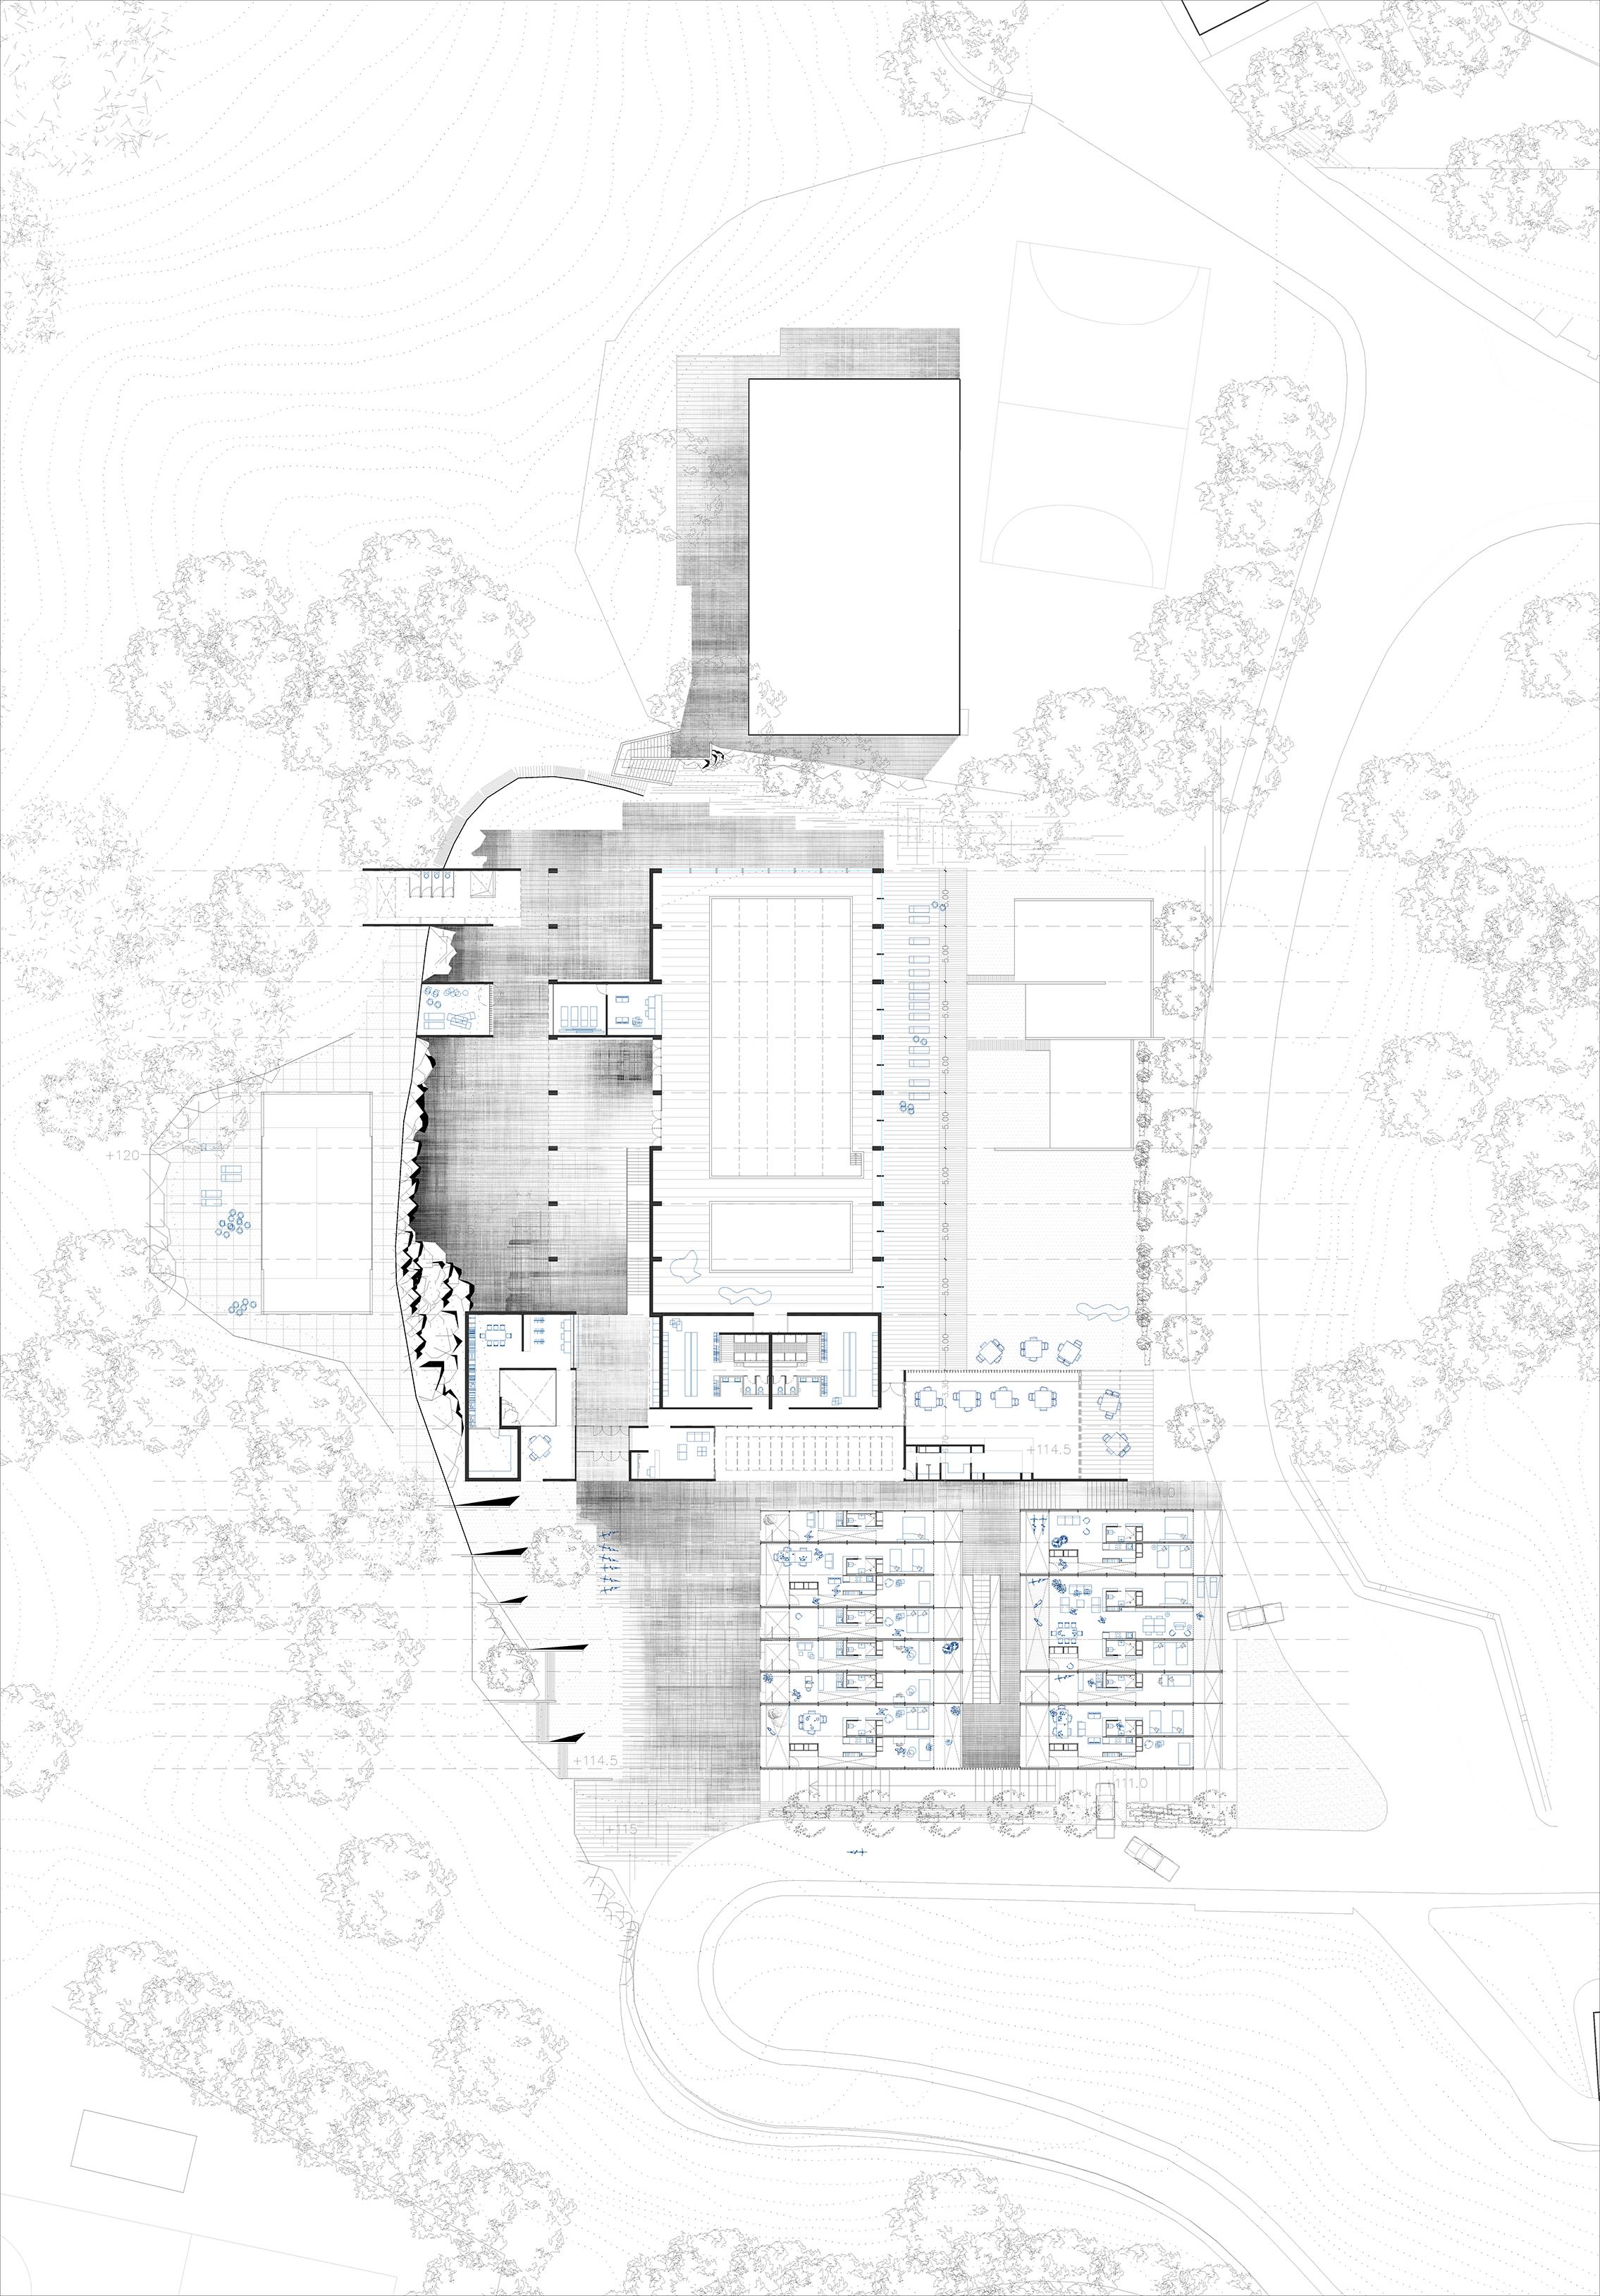 2270x3257 Drawing Empty Space Koozarch